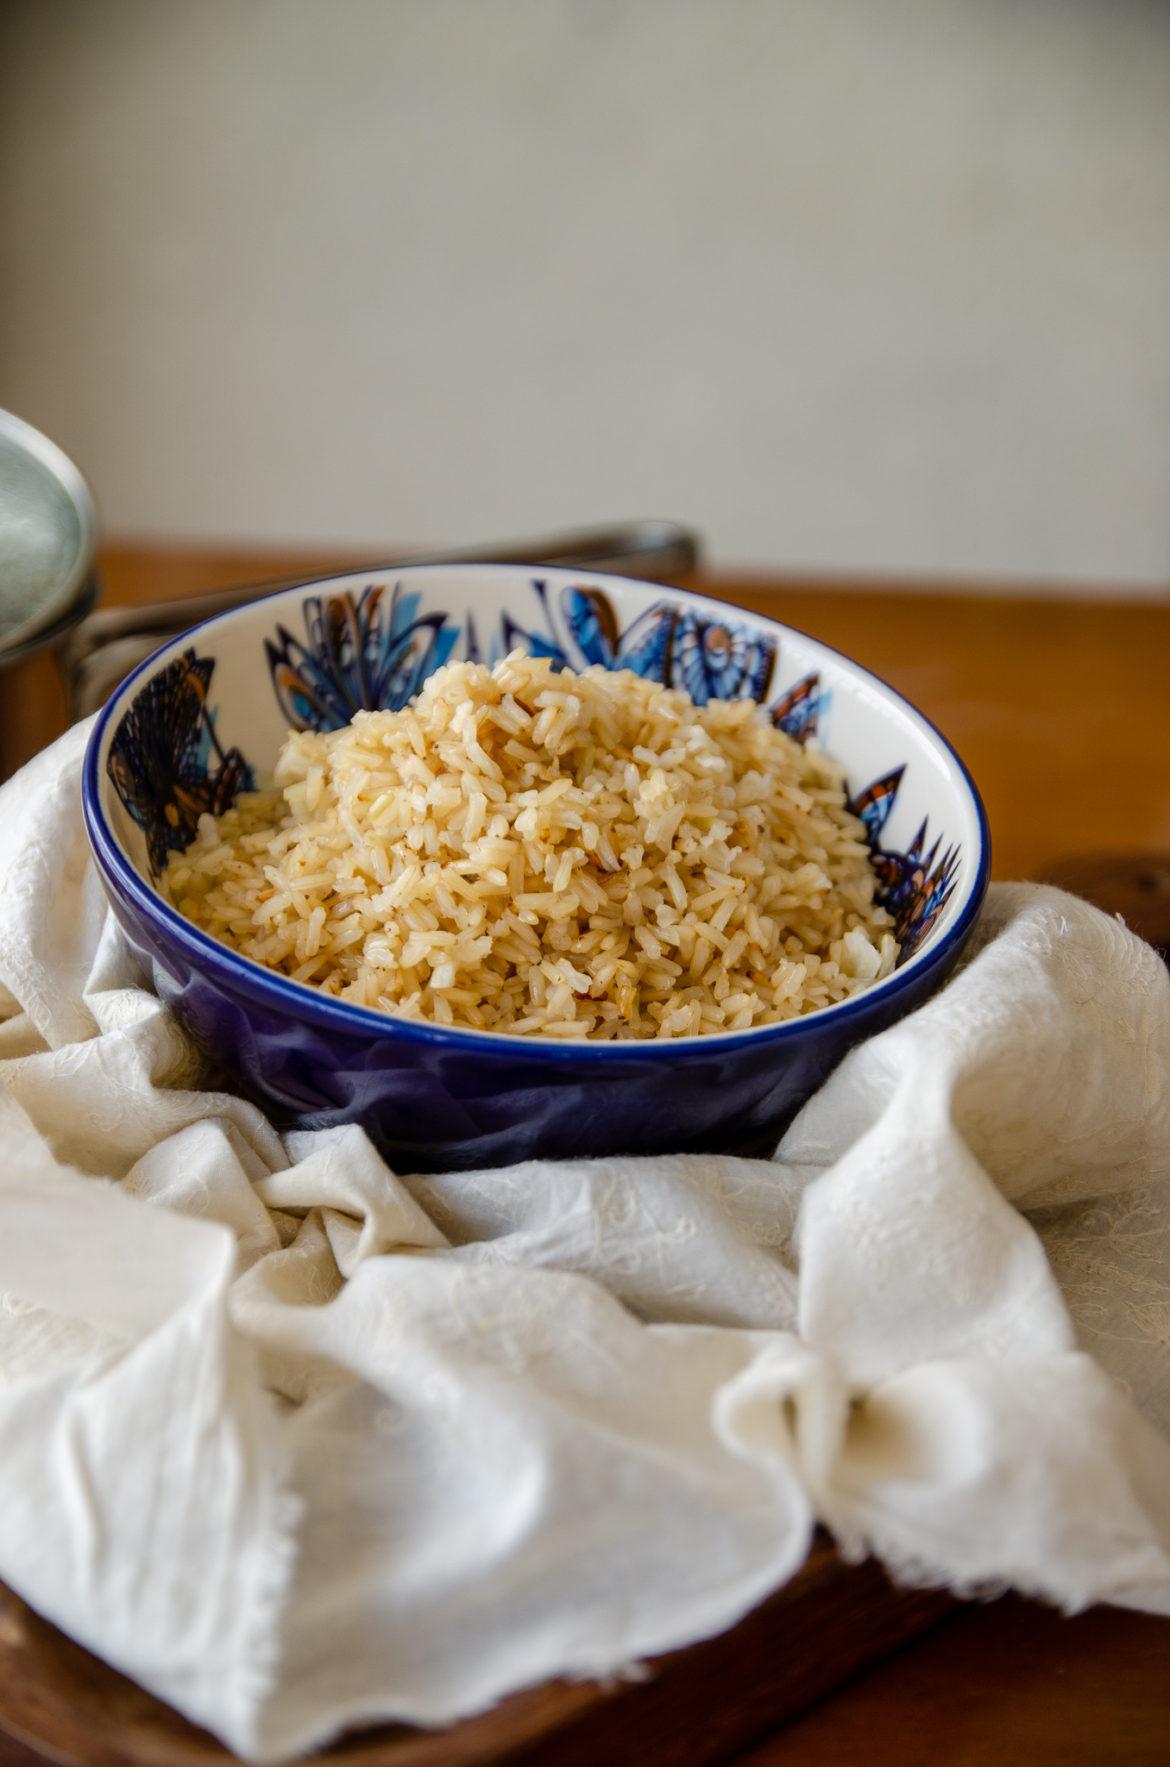 Tigela azul com arroz integral soltinho sobre um tecido bege e tabua de madeira escura